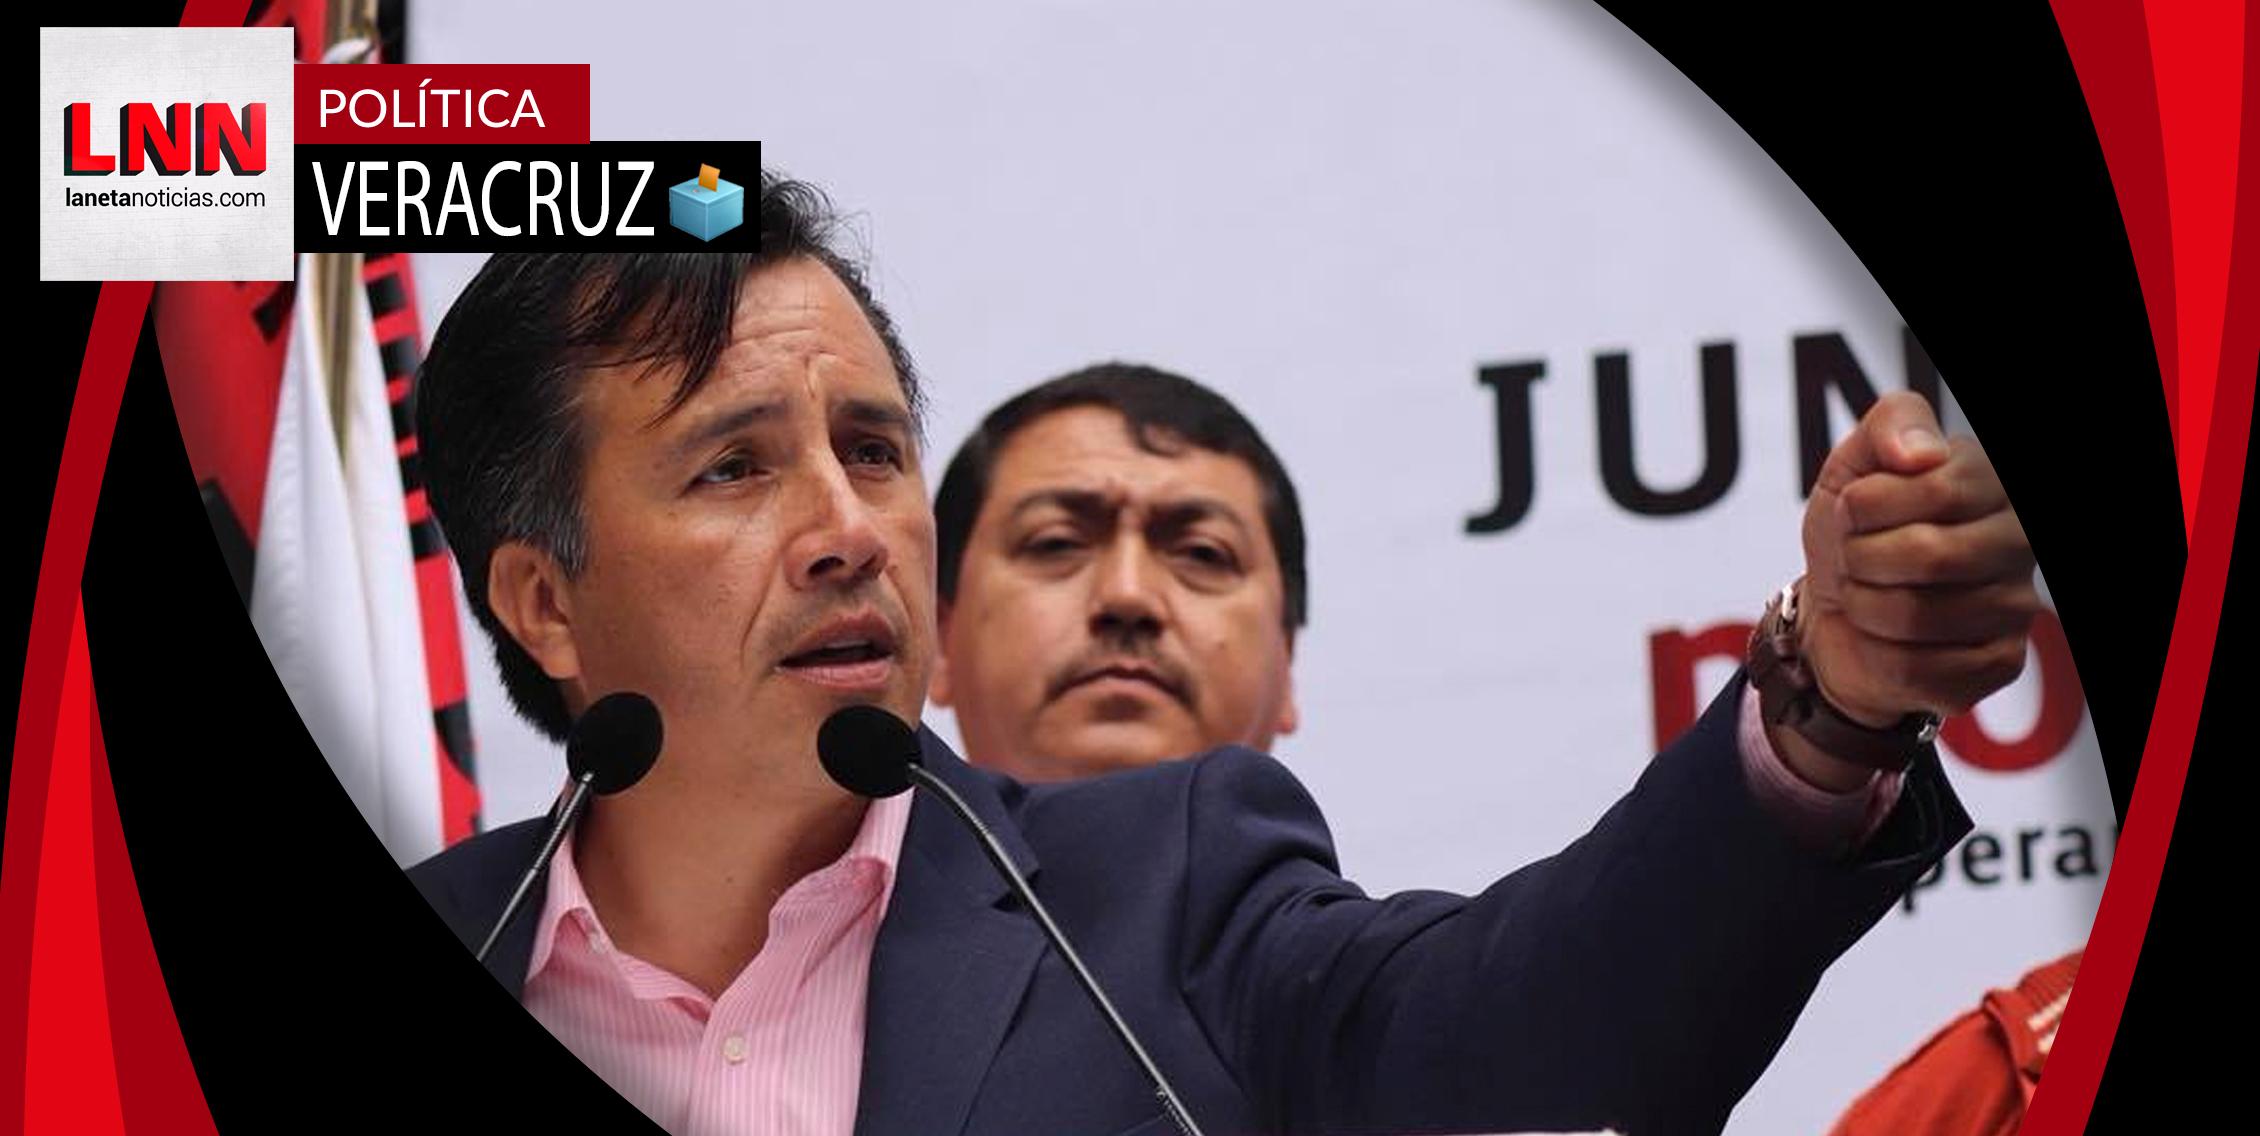 En dos años derrotaré a los criminales de Veracruz: Cuitláhuac García